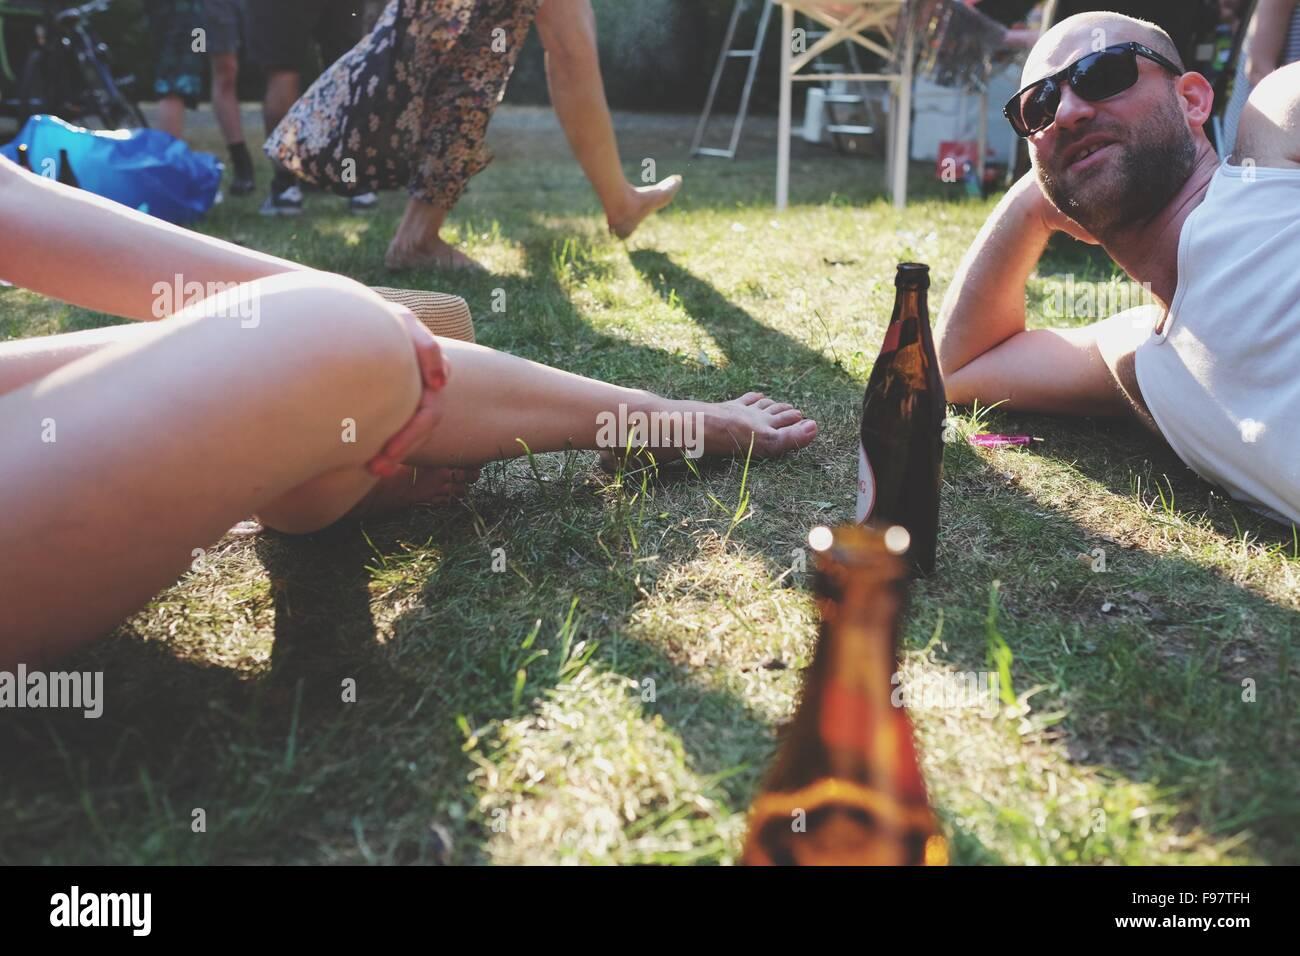 Mann und Frau mit Bierflaschen im Park Stockbild